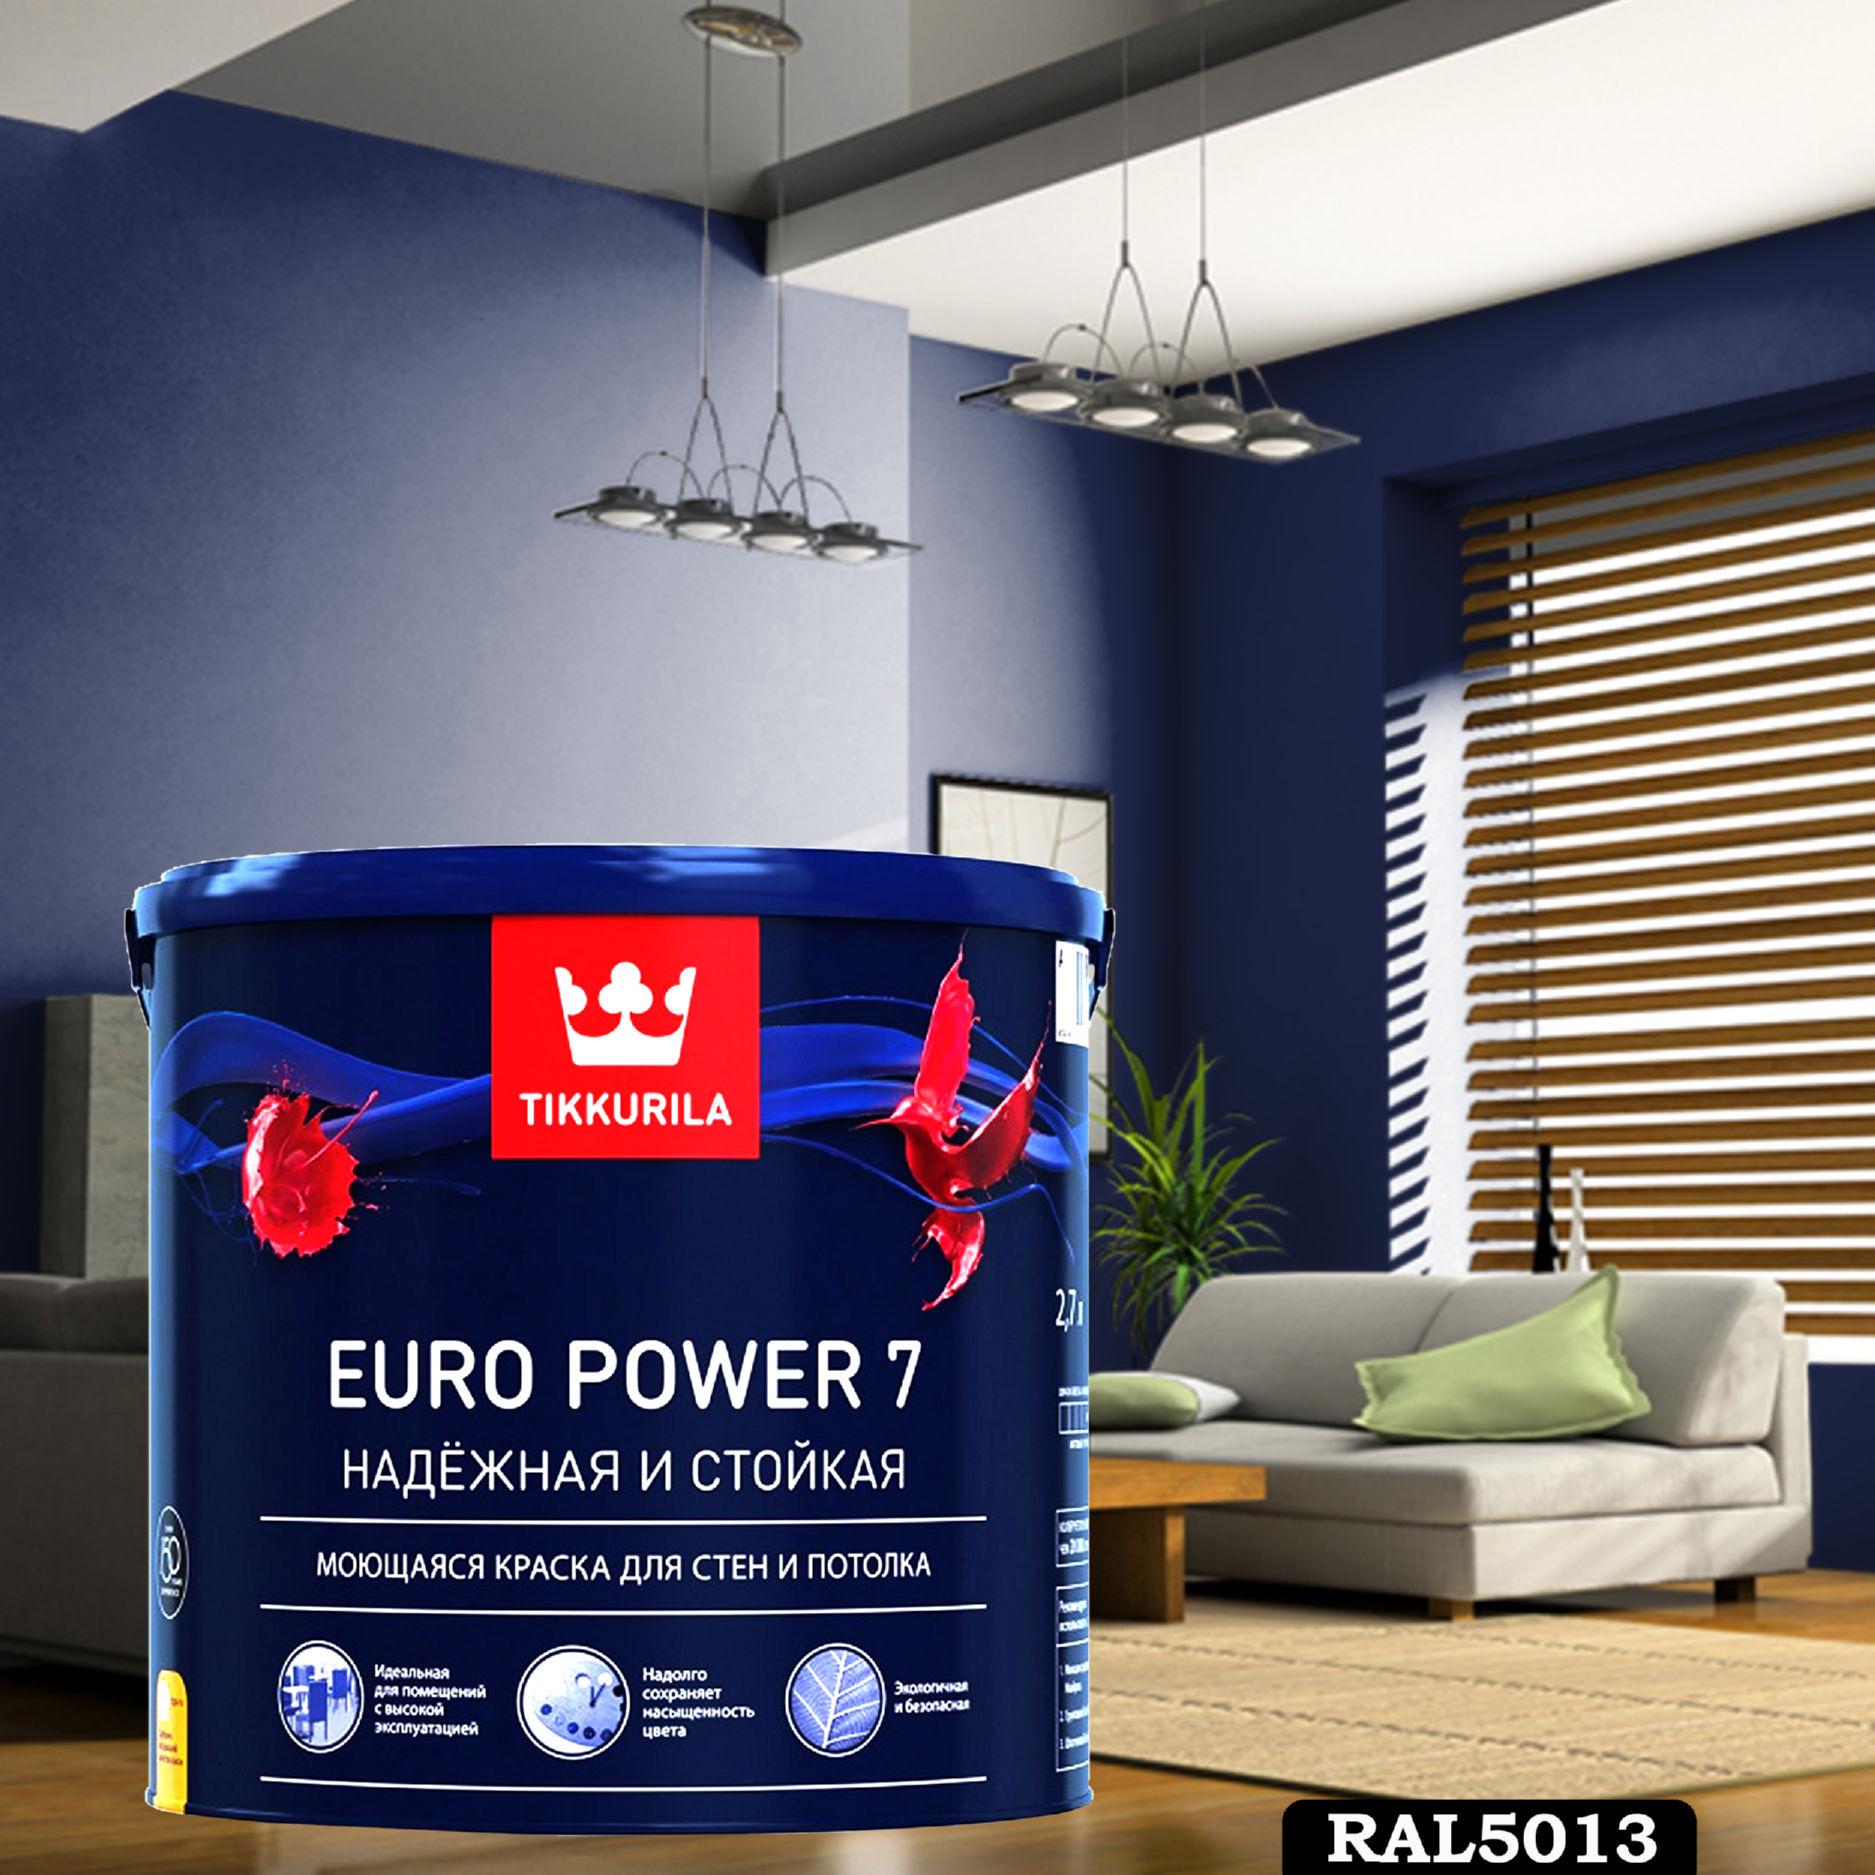 Фото 13 - Краска TIKKURILA Euro Power 7,  RAL 5013 Кобальтово-синий, латексная моющаяся матовая интерьерная, 9 л.